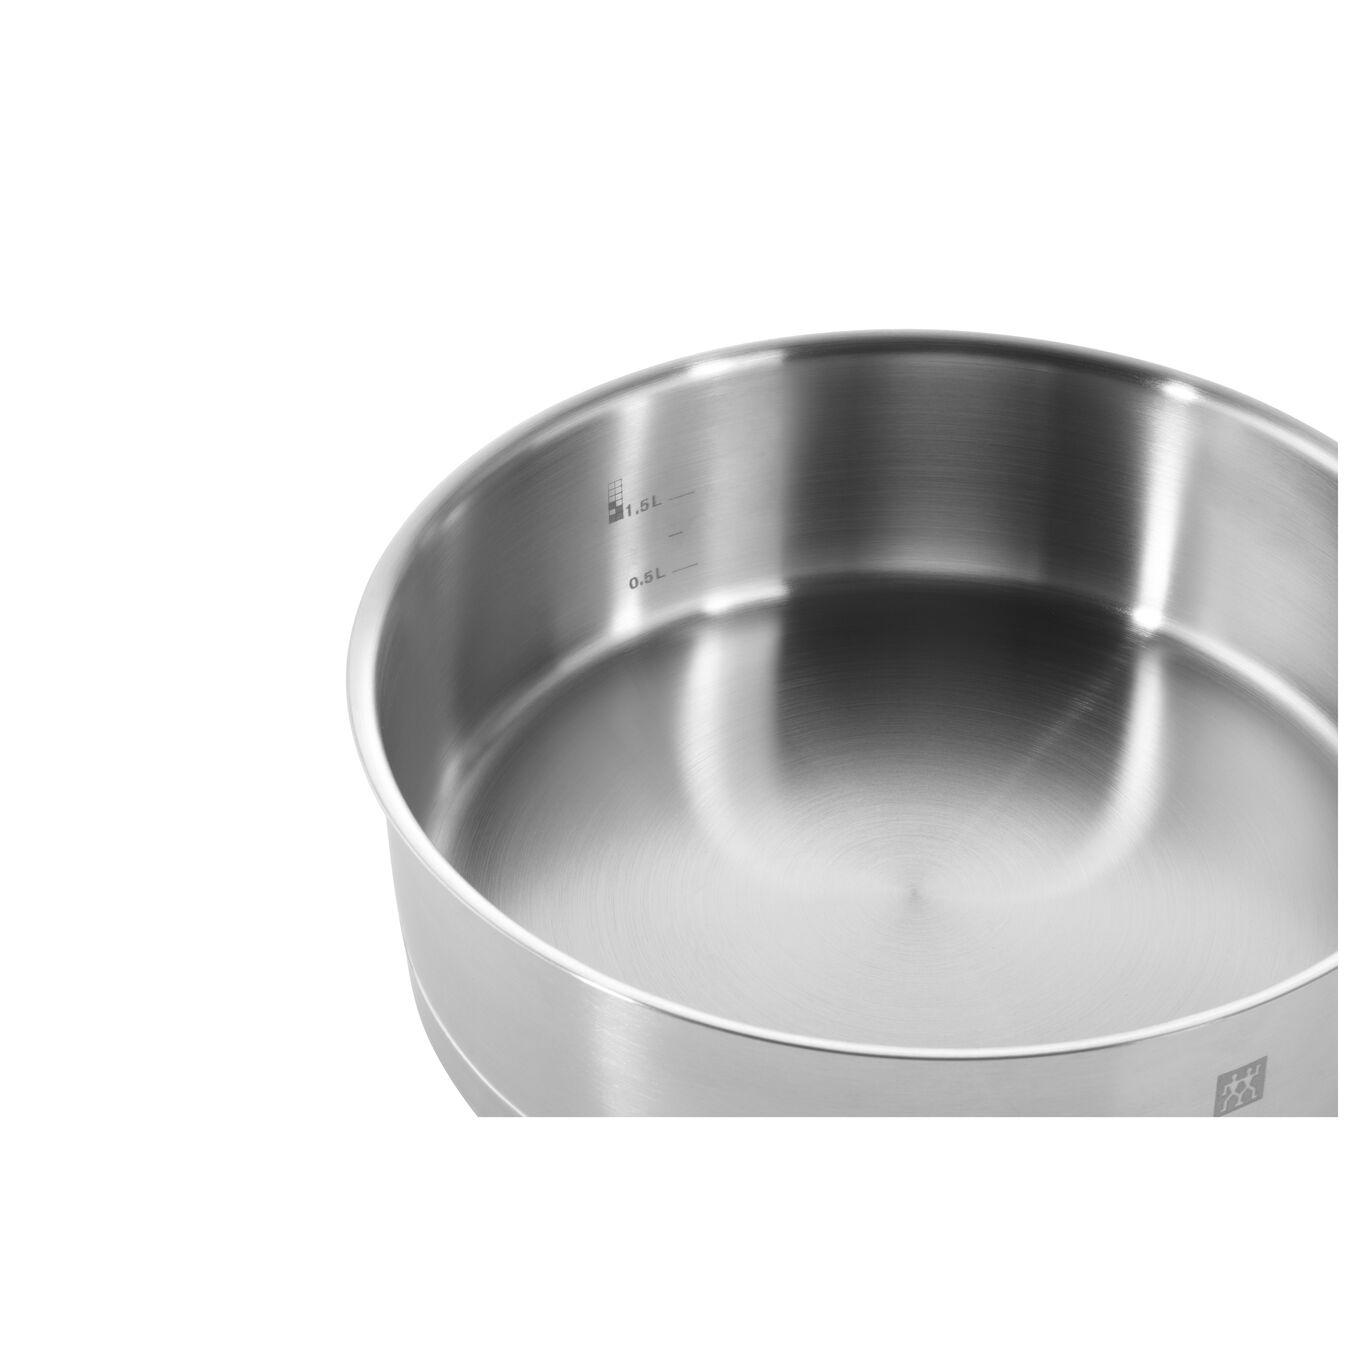 Paslamaz Çelik Uzun Saplı Tava  | 18/10 Paslanmaz Çelik | 24 cm | Metalik Gri,,large 5